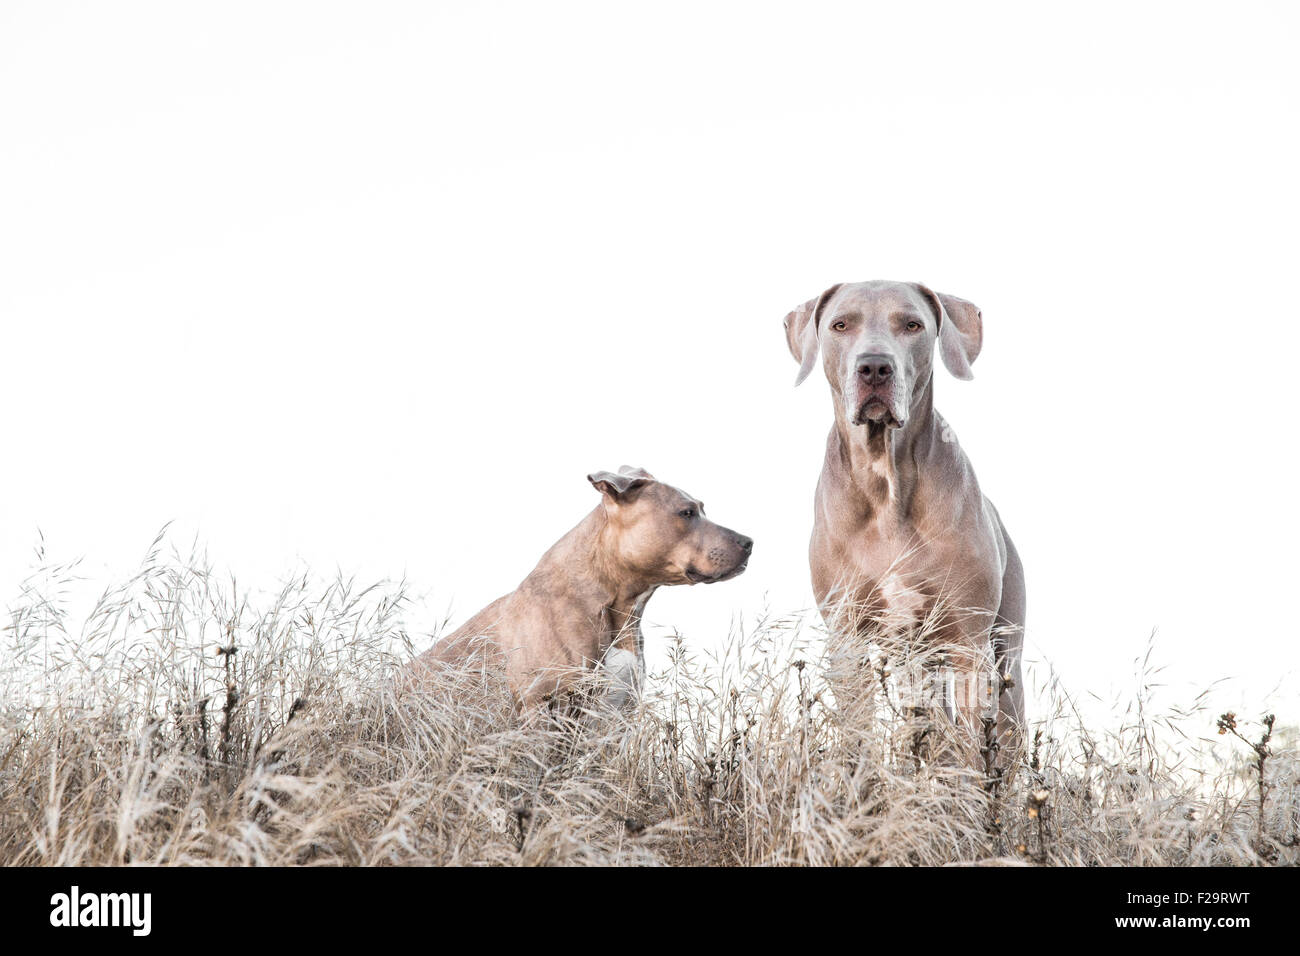 Weimaraner und Pitbull stehen inmitten von hohen Trockenrasen im Feld, negative eine gerichtete falsche Weg, Platz Stockbild